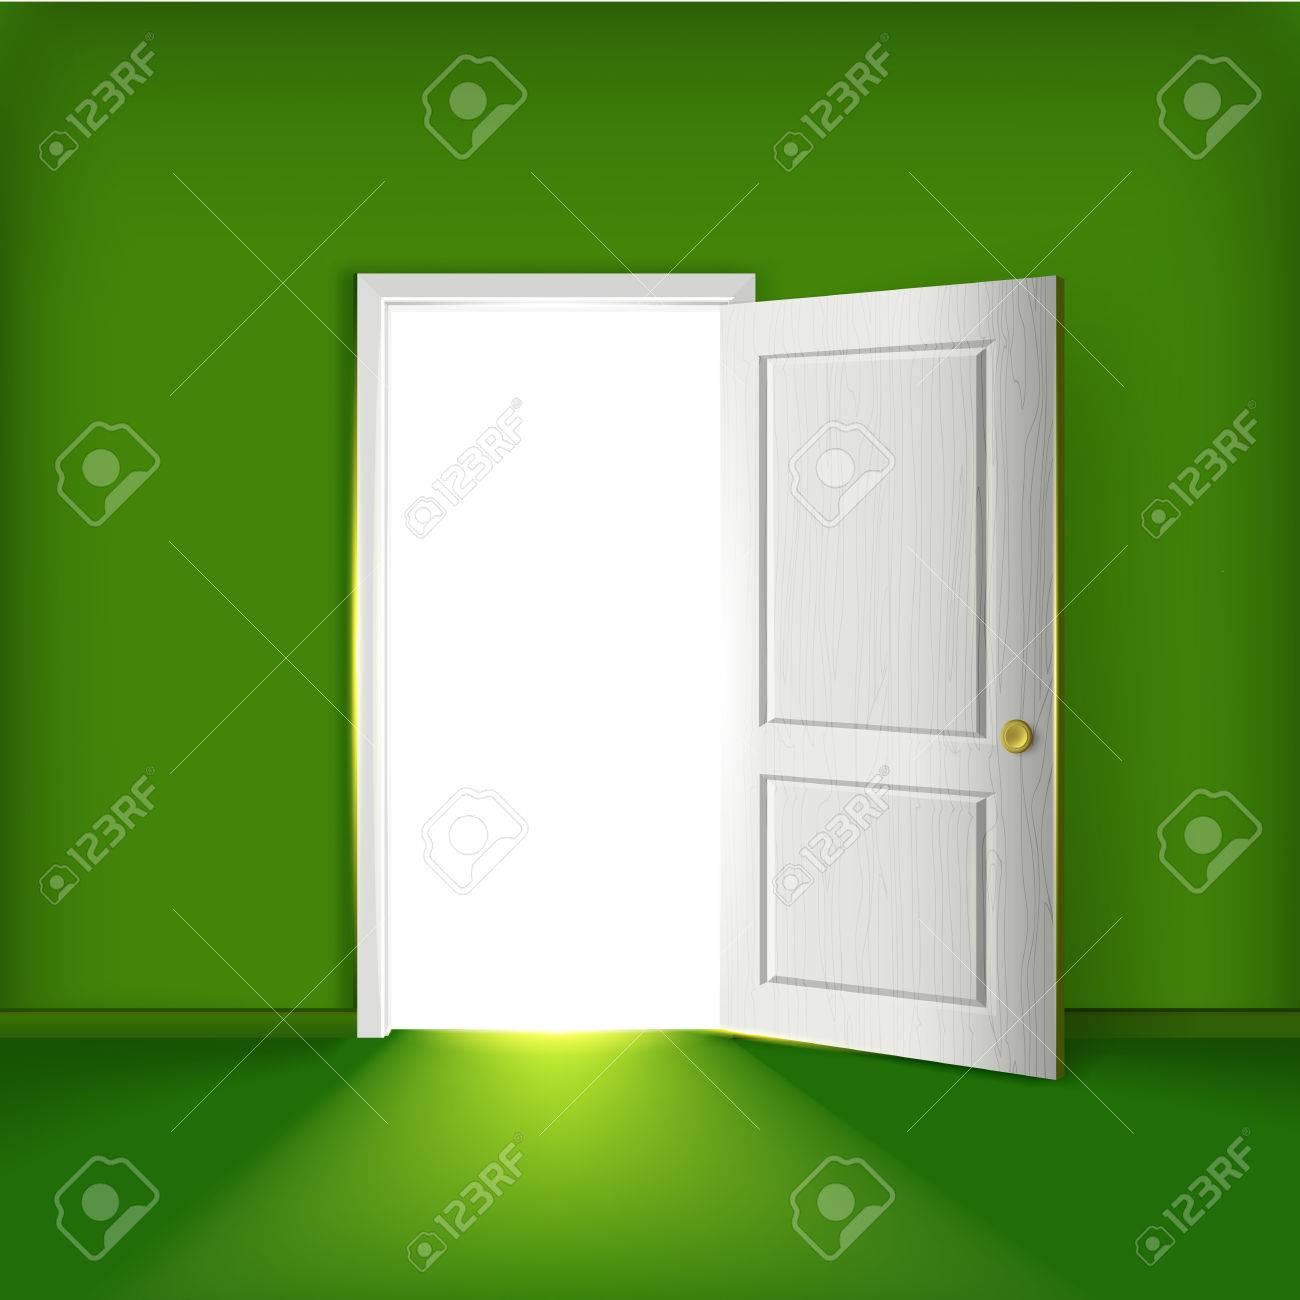 Standard Bild   Vector Offenen Tür Konzept. Vorderansicht Tür. Beleuchtung  Geöffnete Tür In Der Grünen Wand In Einem Leeren Raum.